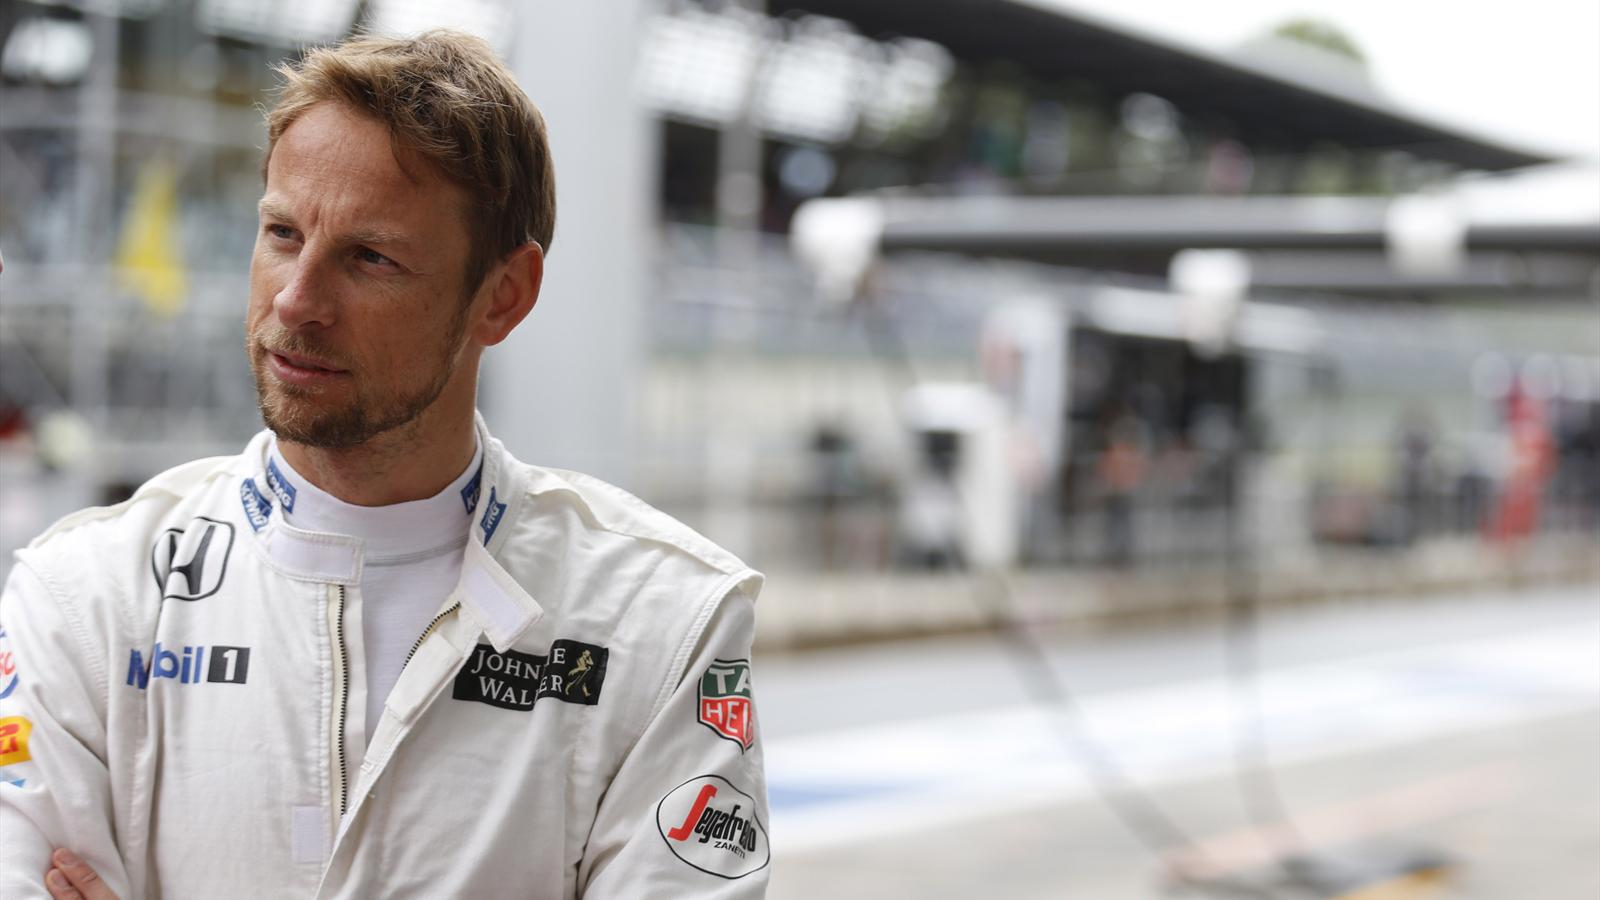 Jenson Button (McLaren) au Grand Prix d'Autriche 2015